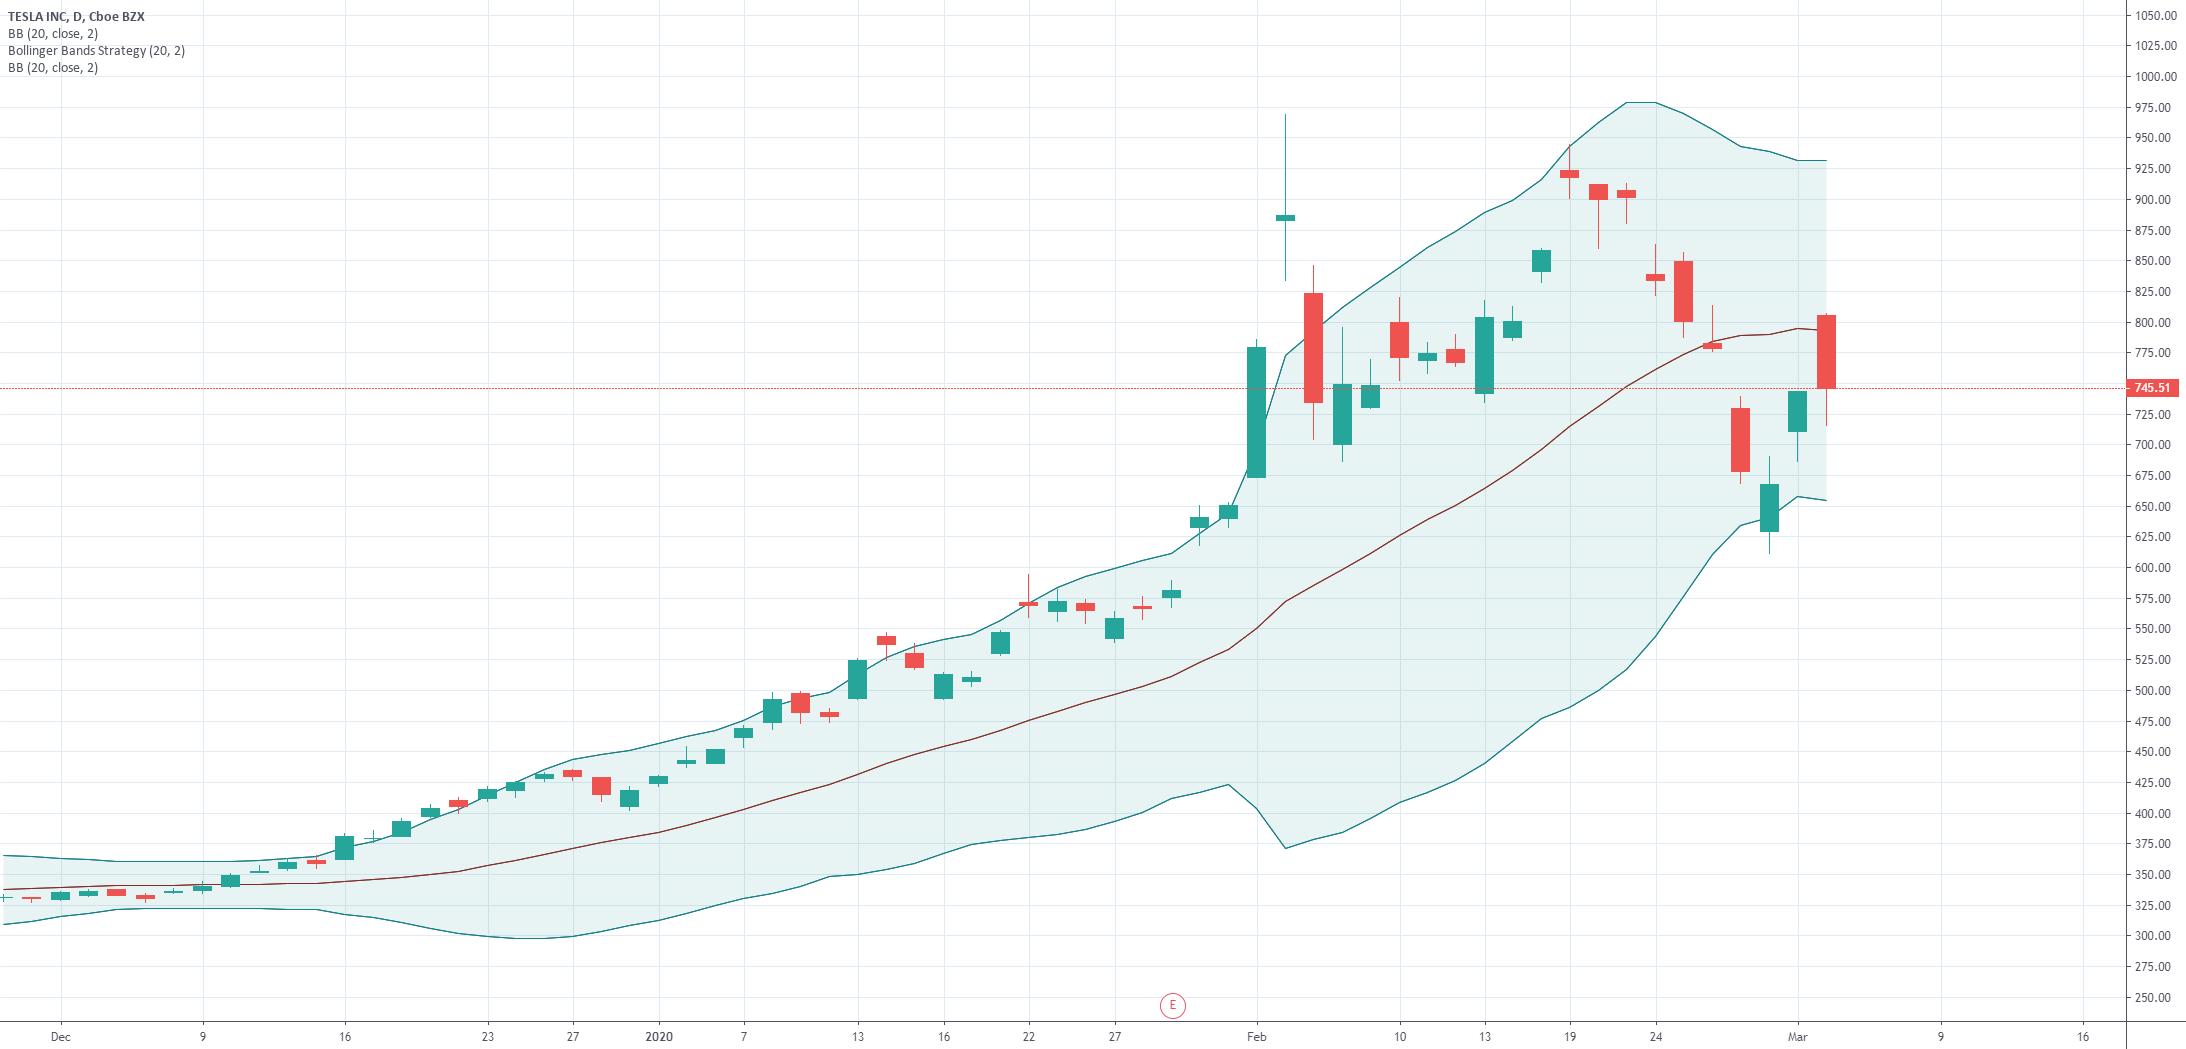 Tesla Inc price forecast - Bollinger Band | TSLA - Macroaxis